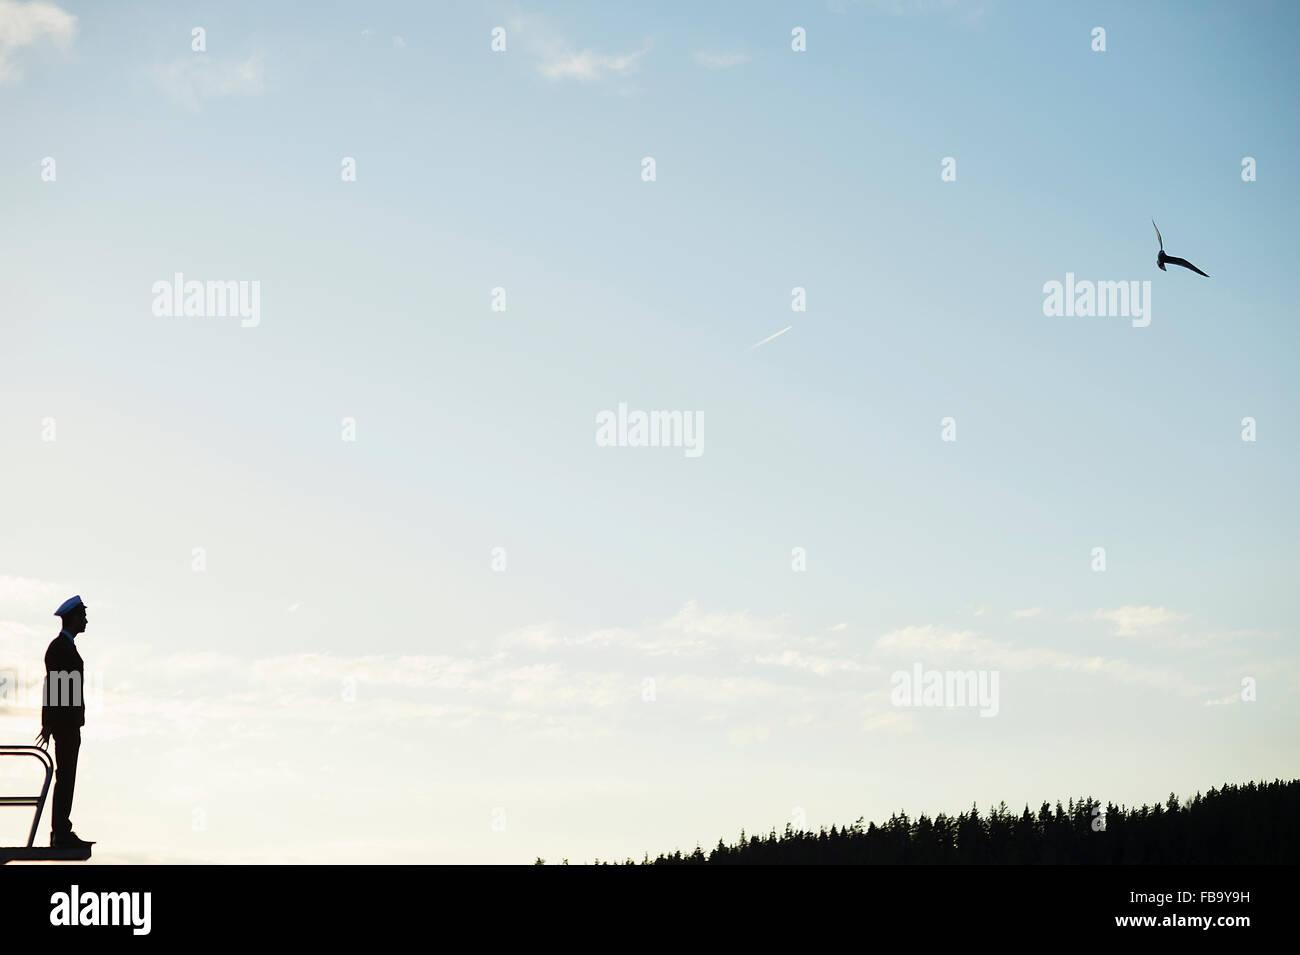 Schweden, Vastmanland, Silhouette der junge Mann mit Quaste stehend gegen Himmel Stockbild